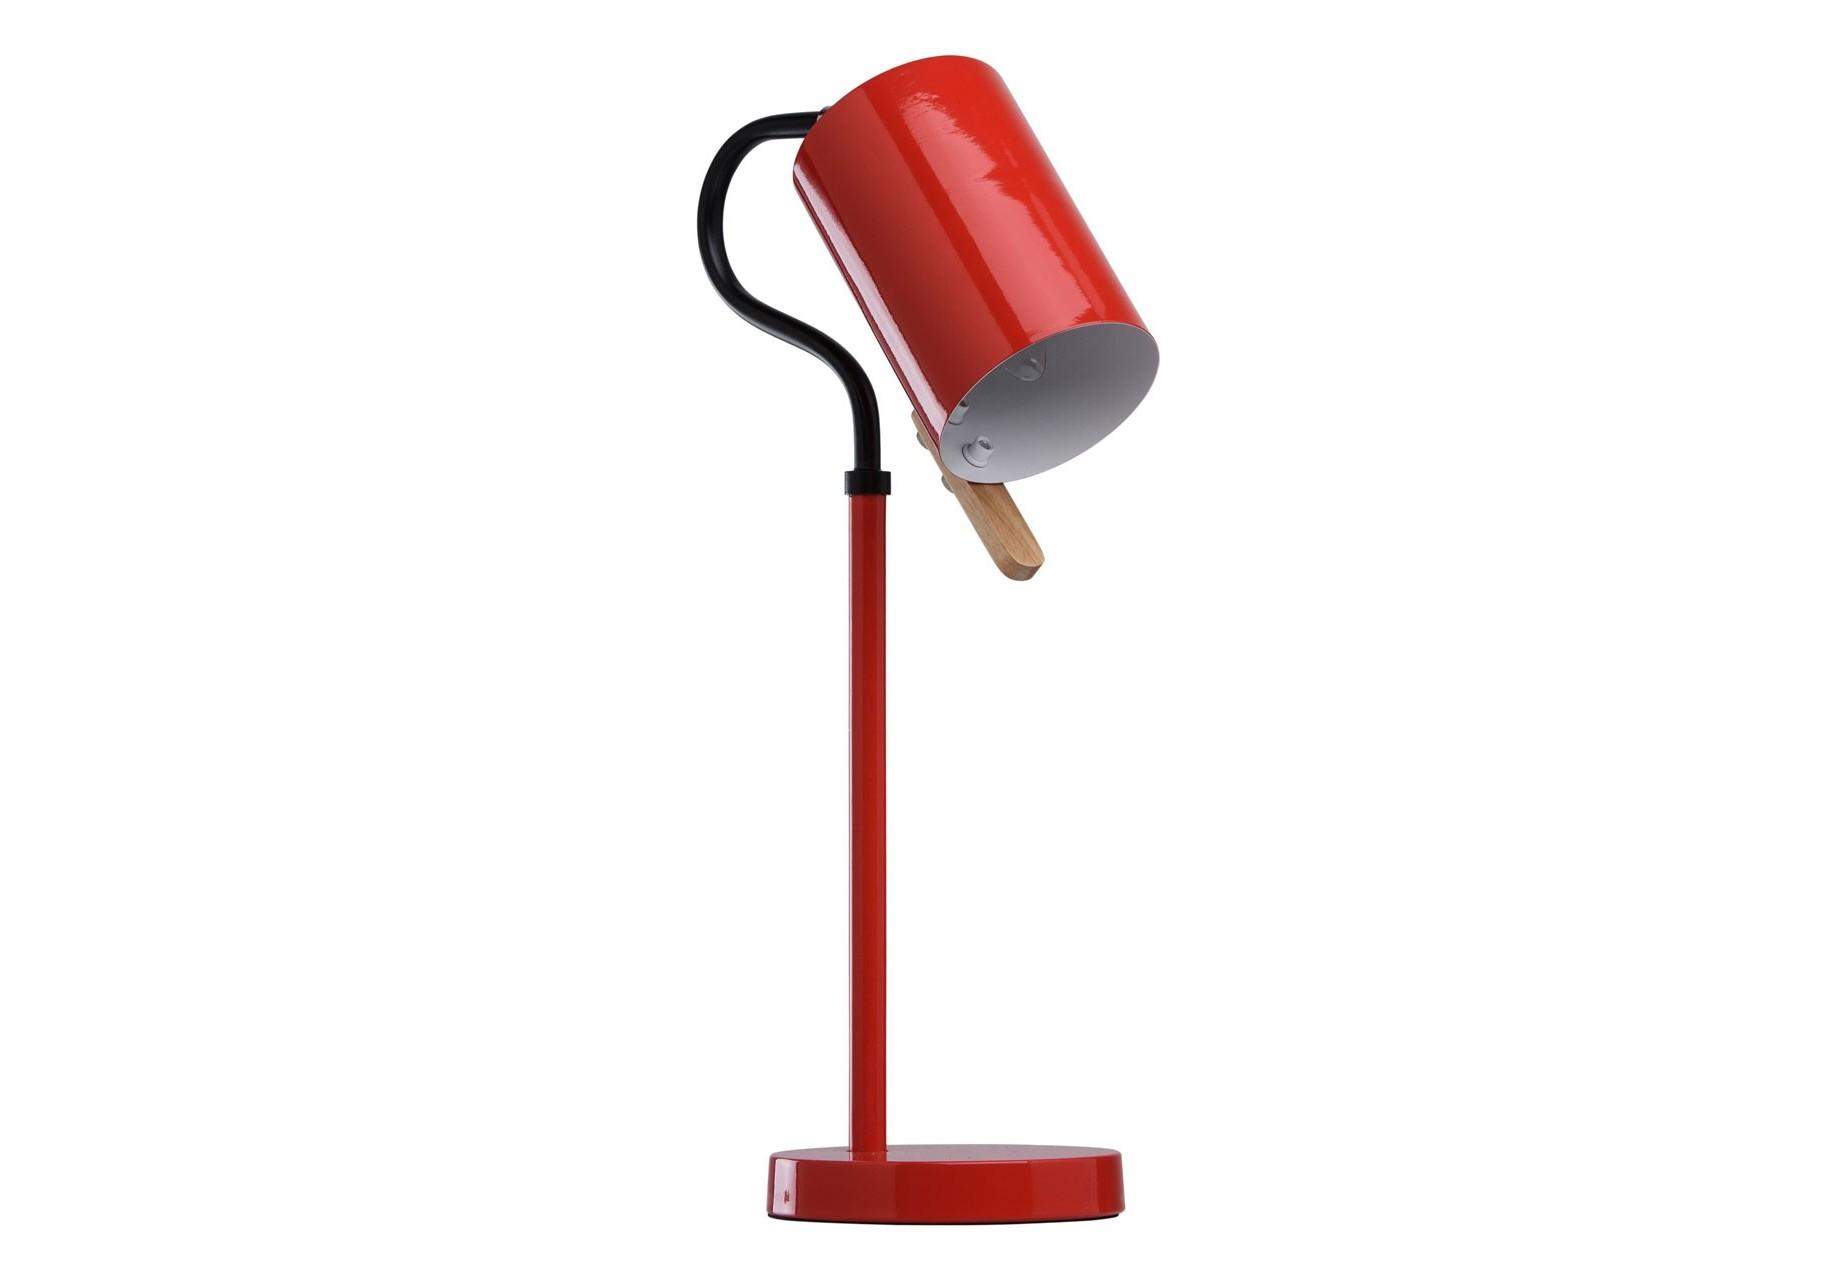 Настольная лампа АкцентНастольные лампы<br>Цоколь: E14,&amp;amp;nbsp;&amp;lt;div&amp;gt;Мощность лампы: 40W,&amp;amp;nbsp;&amp;lt;/div&amp;gt;&amp;lt;div&amp;gt;Количество ламп: 1&amp;amp;nbsp;&amp;lt;/div&amp;gt;&amp;lt;div&amp;gt;Без лампочек в комплекте.&amp;lt;/div&amp;gt;<br><br>Material: Металл<br>Width см: 32<br>Depth см: 27<br>Height см: 50